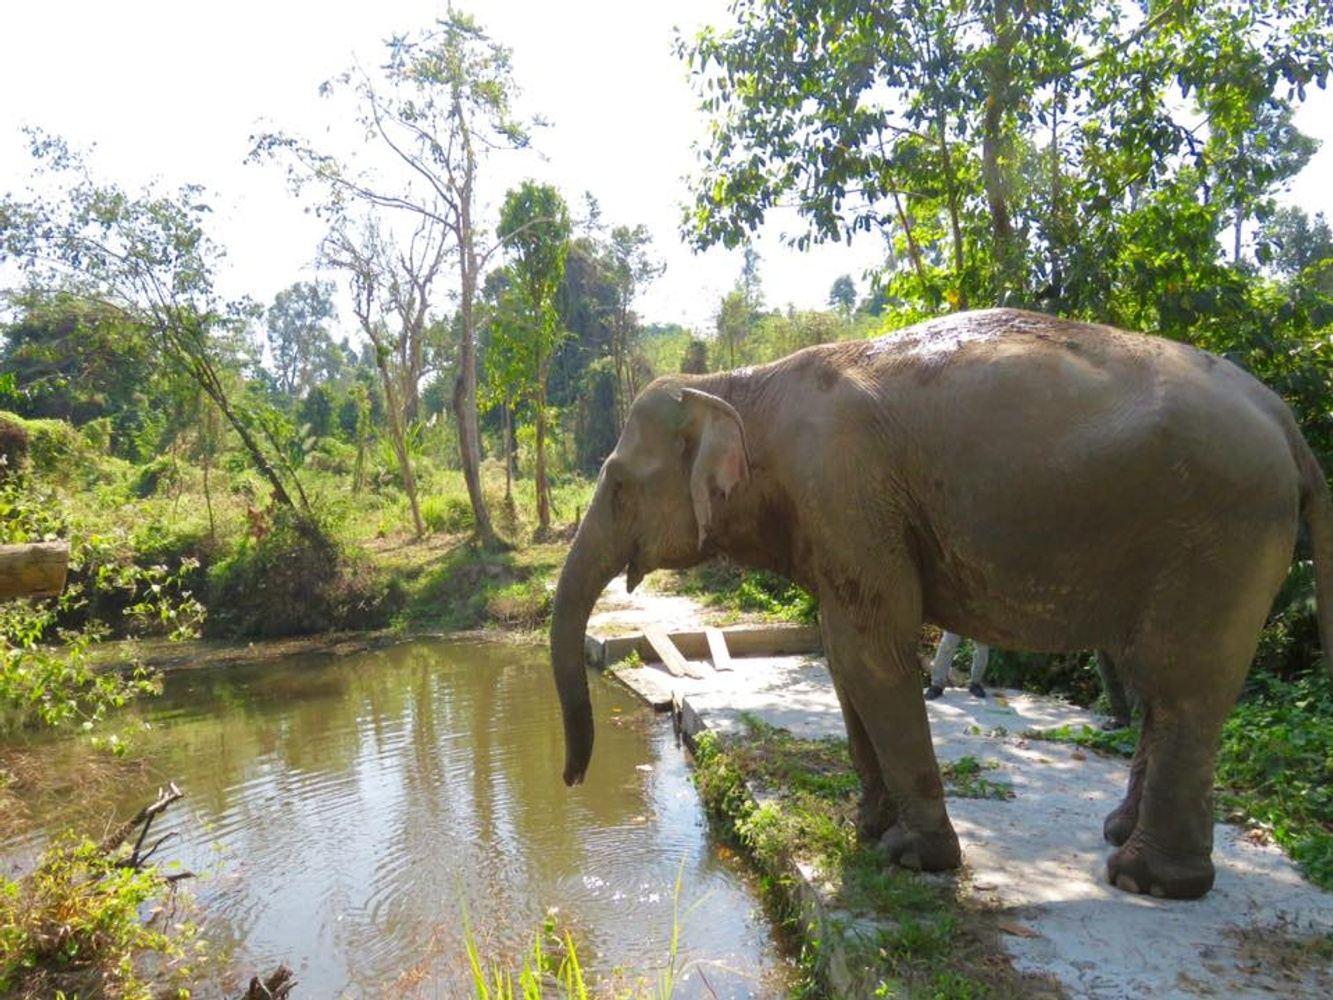 Big Elephant Magic Experience Thailand Dec. 2019